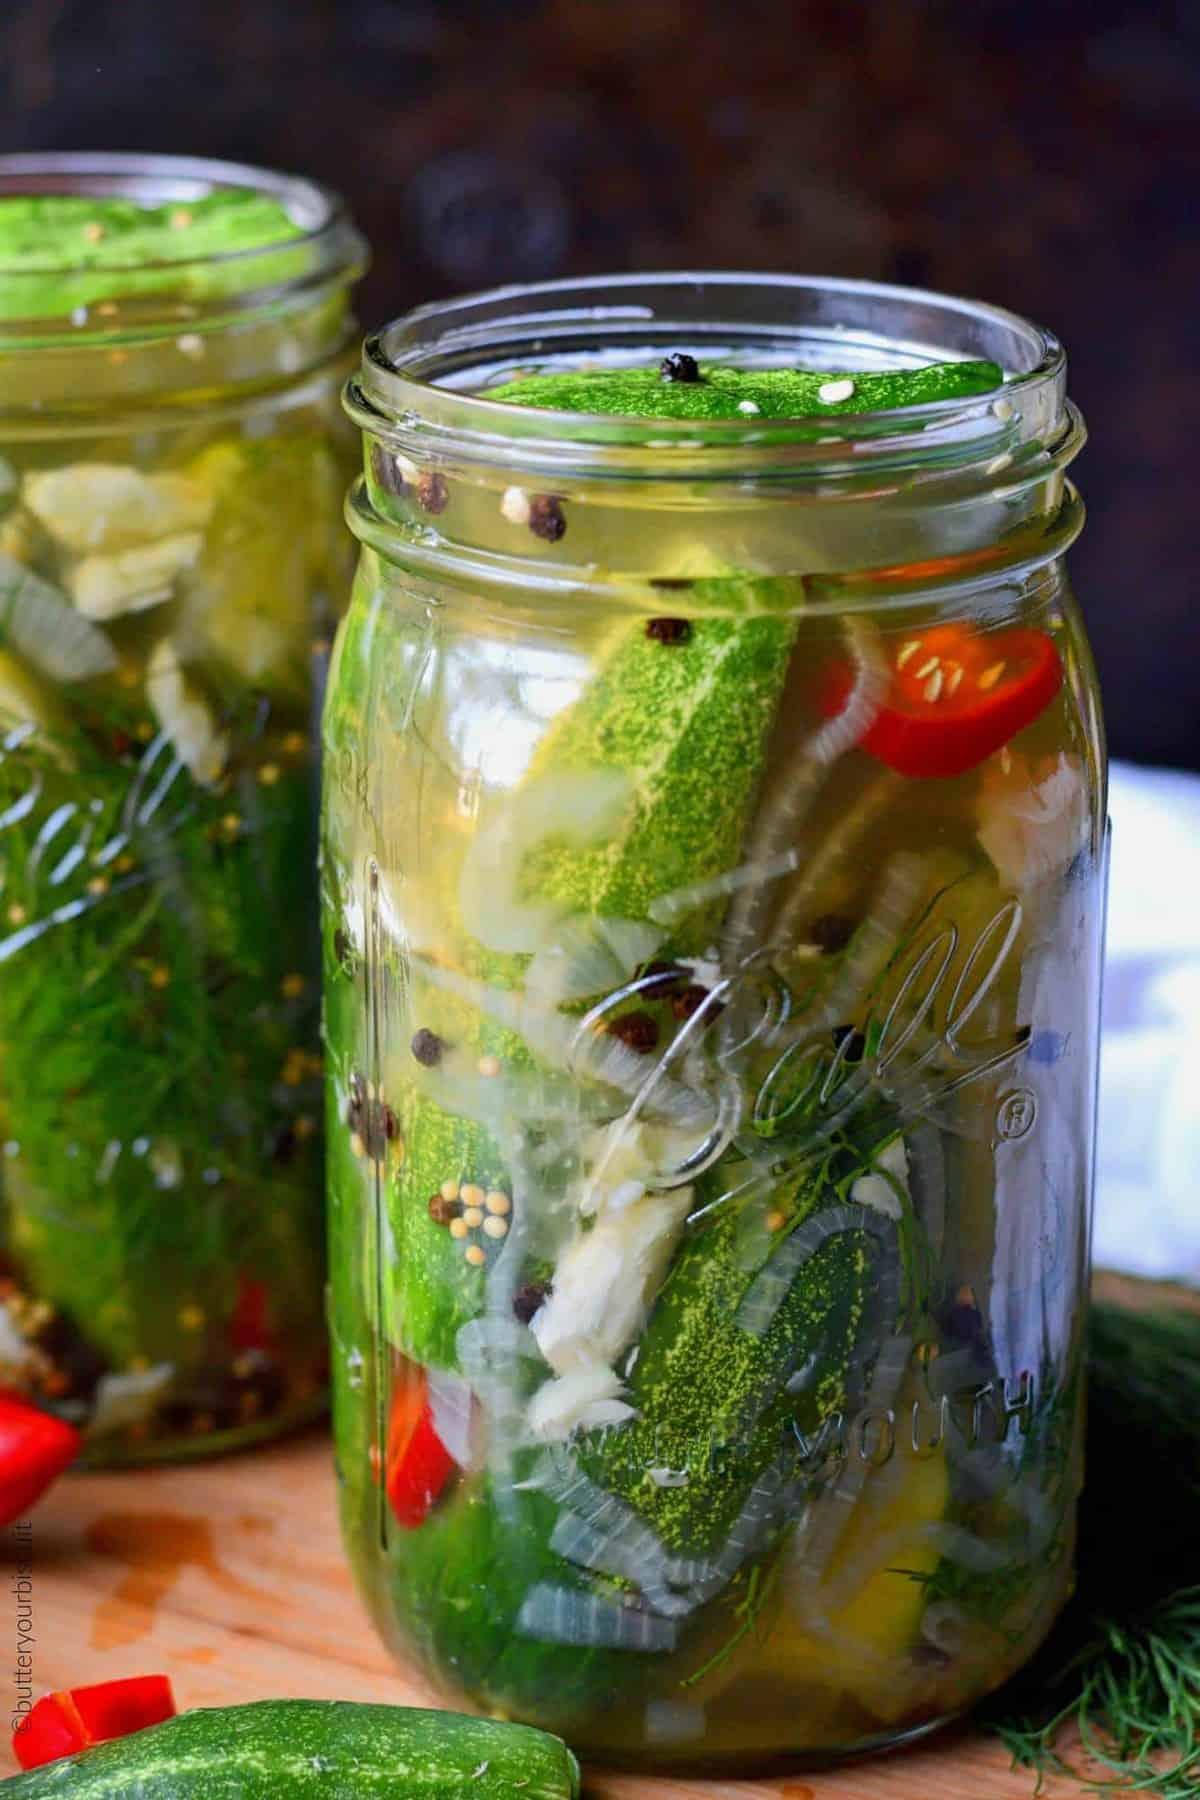 garlic jalapenos dill refrigerator pickles